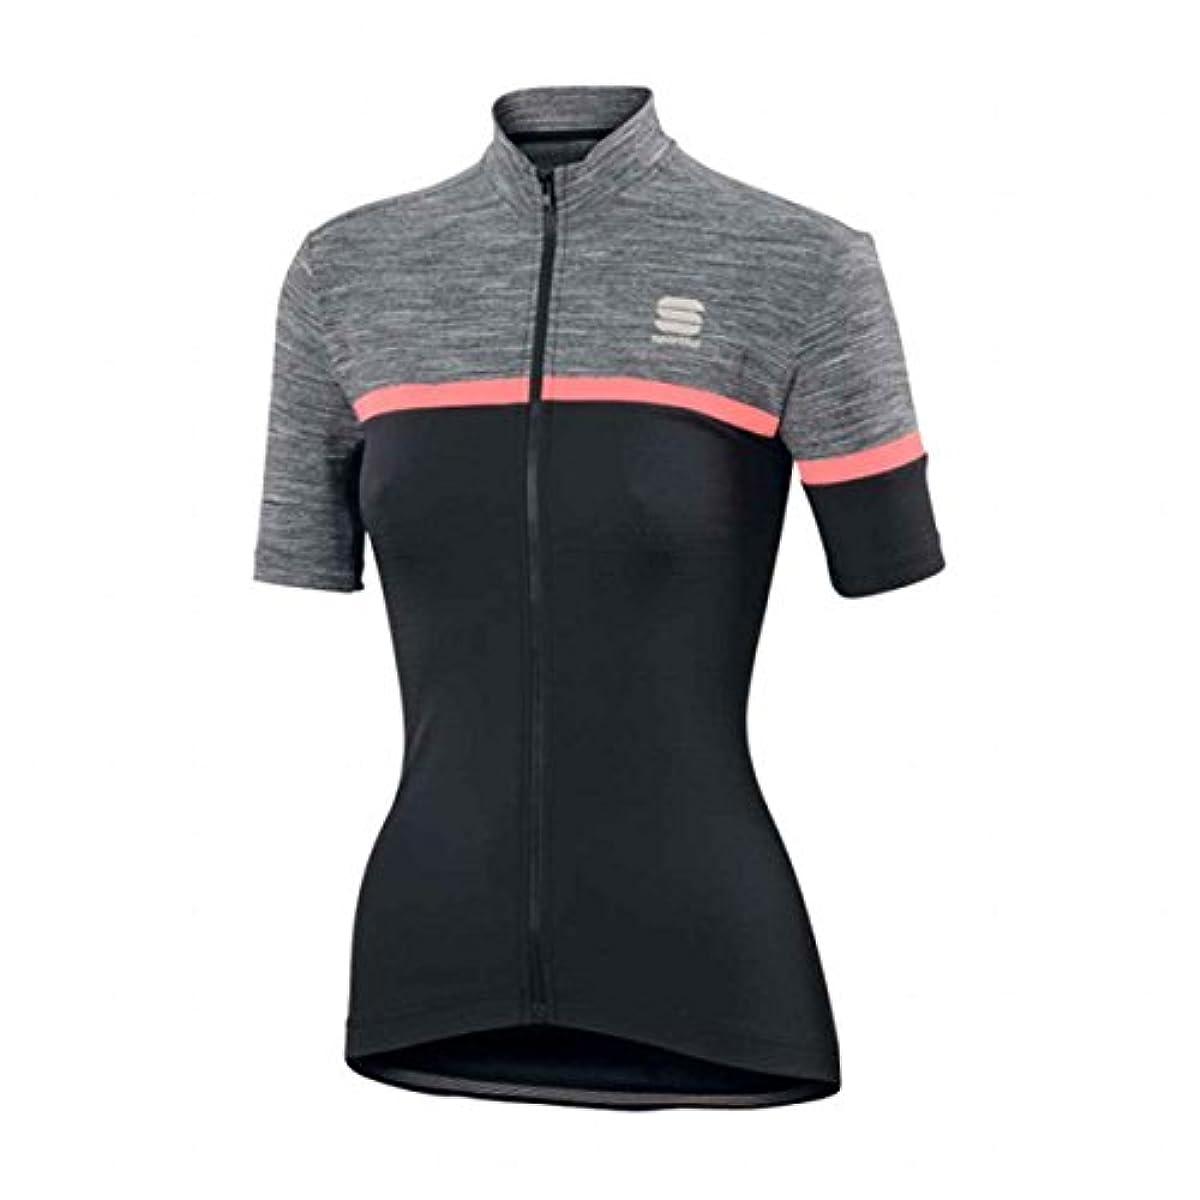 [해외] SPORTFUL스포츠 풀 GIARA W BLK/ANT/COR XS 반소매 셔츠 블랙/핑크/그레이 사이즈XS 여성용